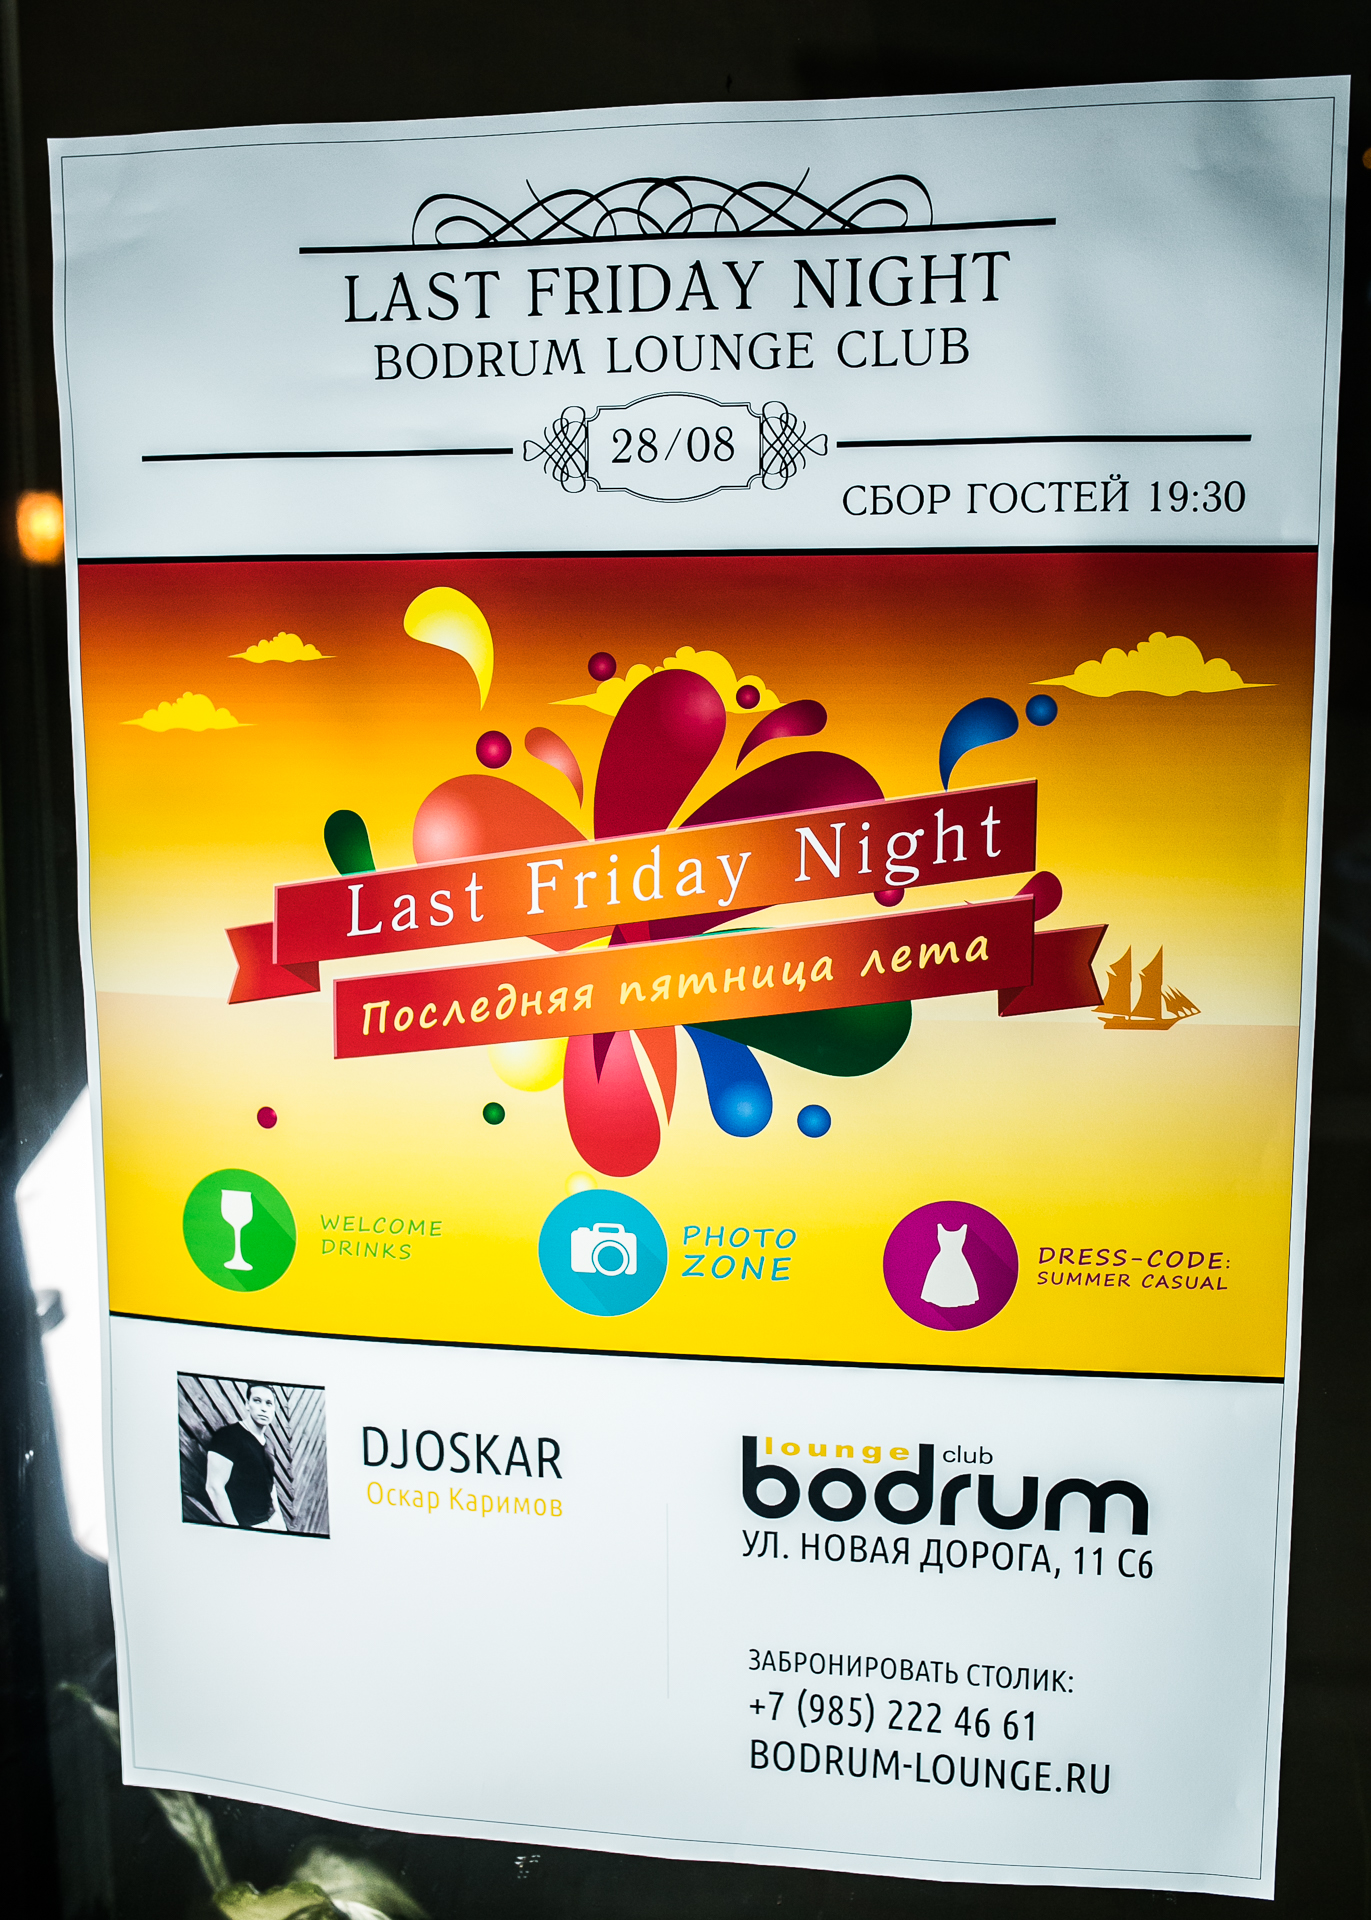 Последняя пятница в Bodrum Lounge Club